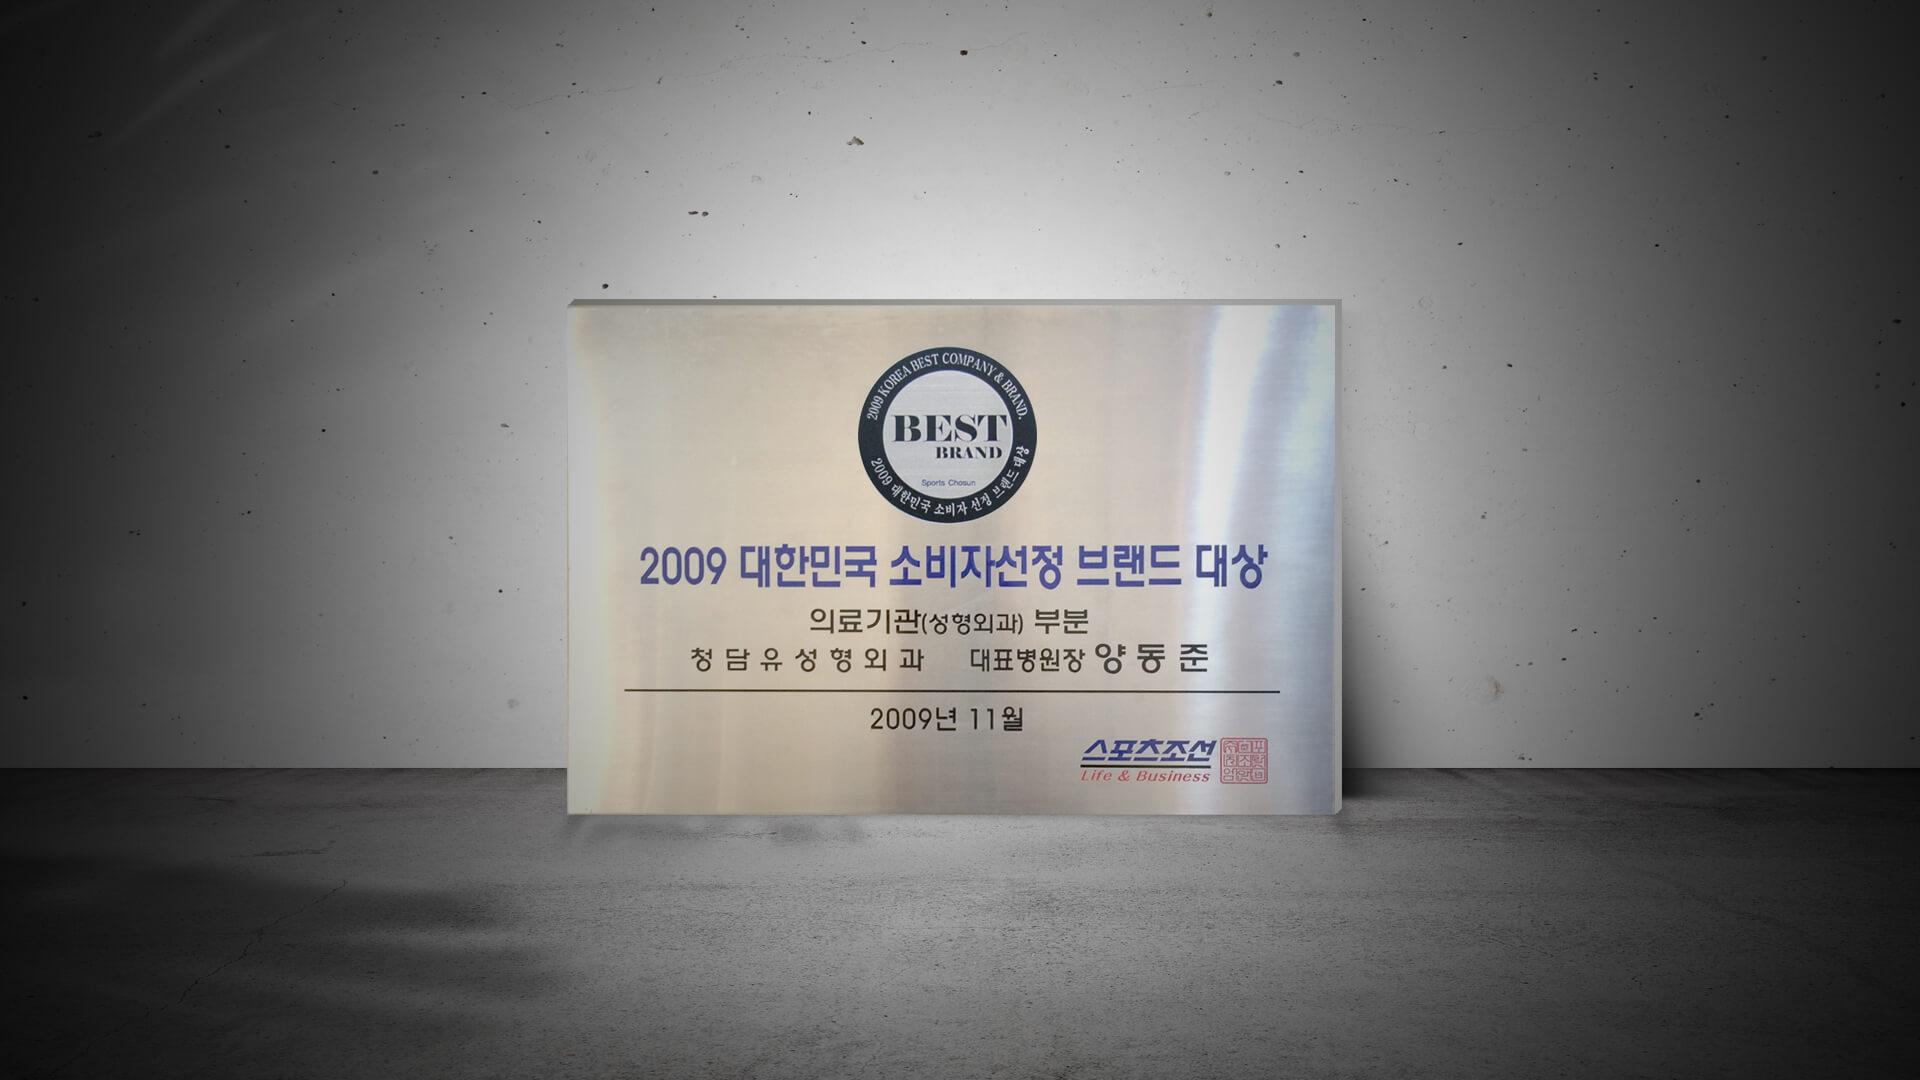 2009 Korea Best Brand Awards